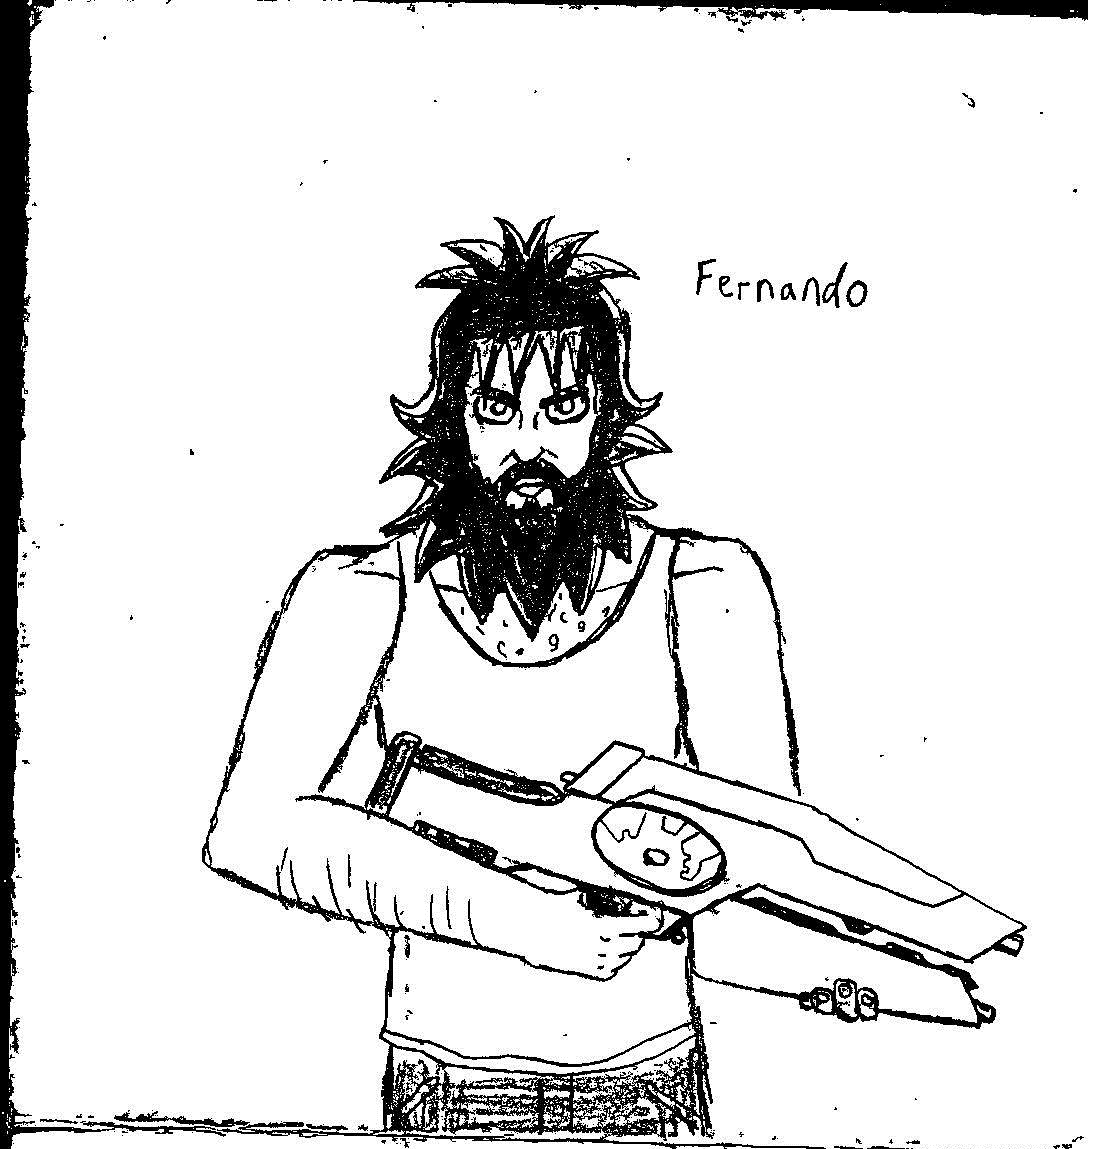 Fernando fanart sketch